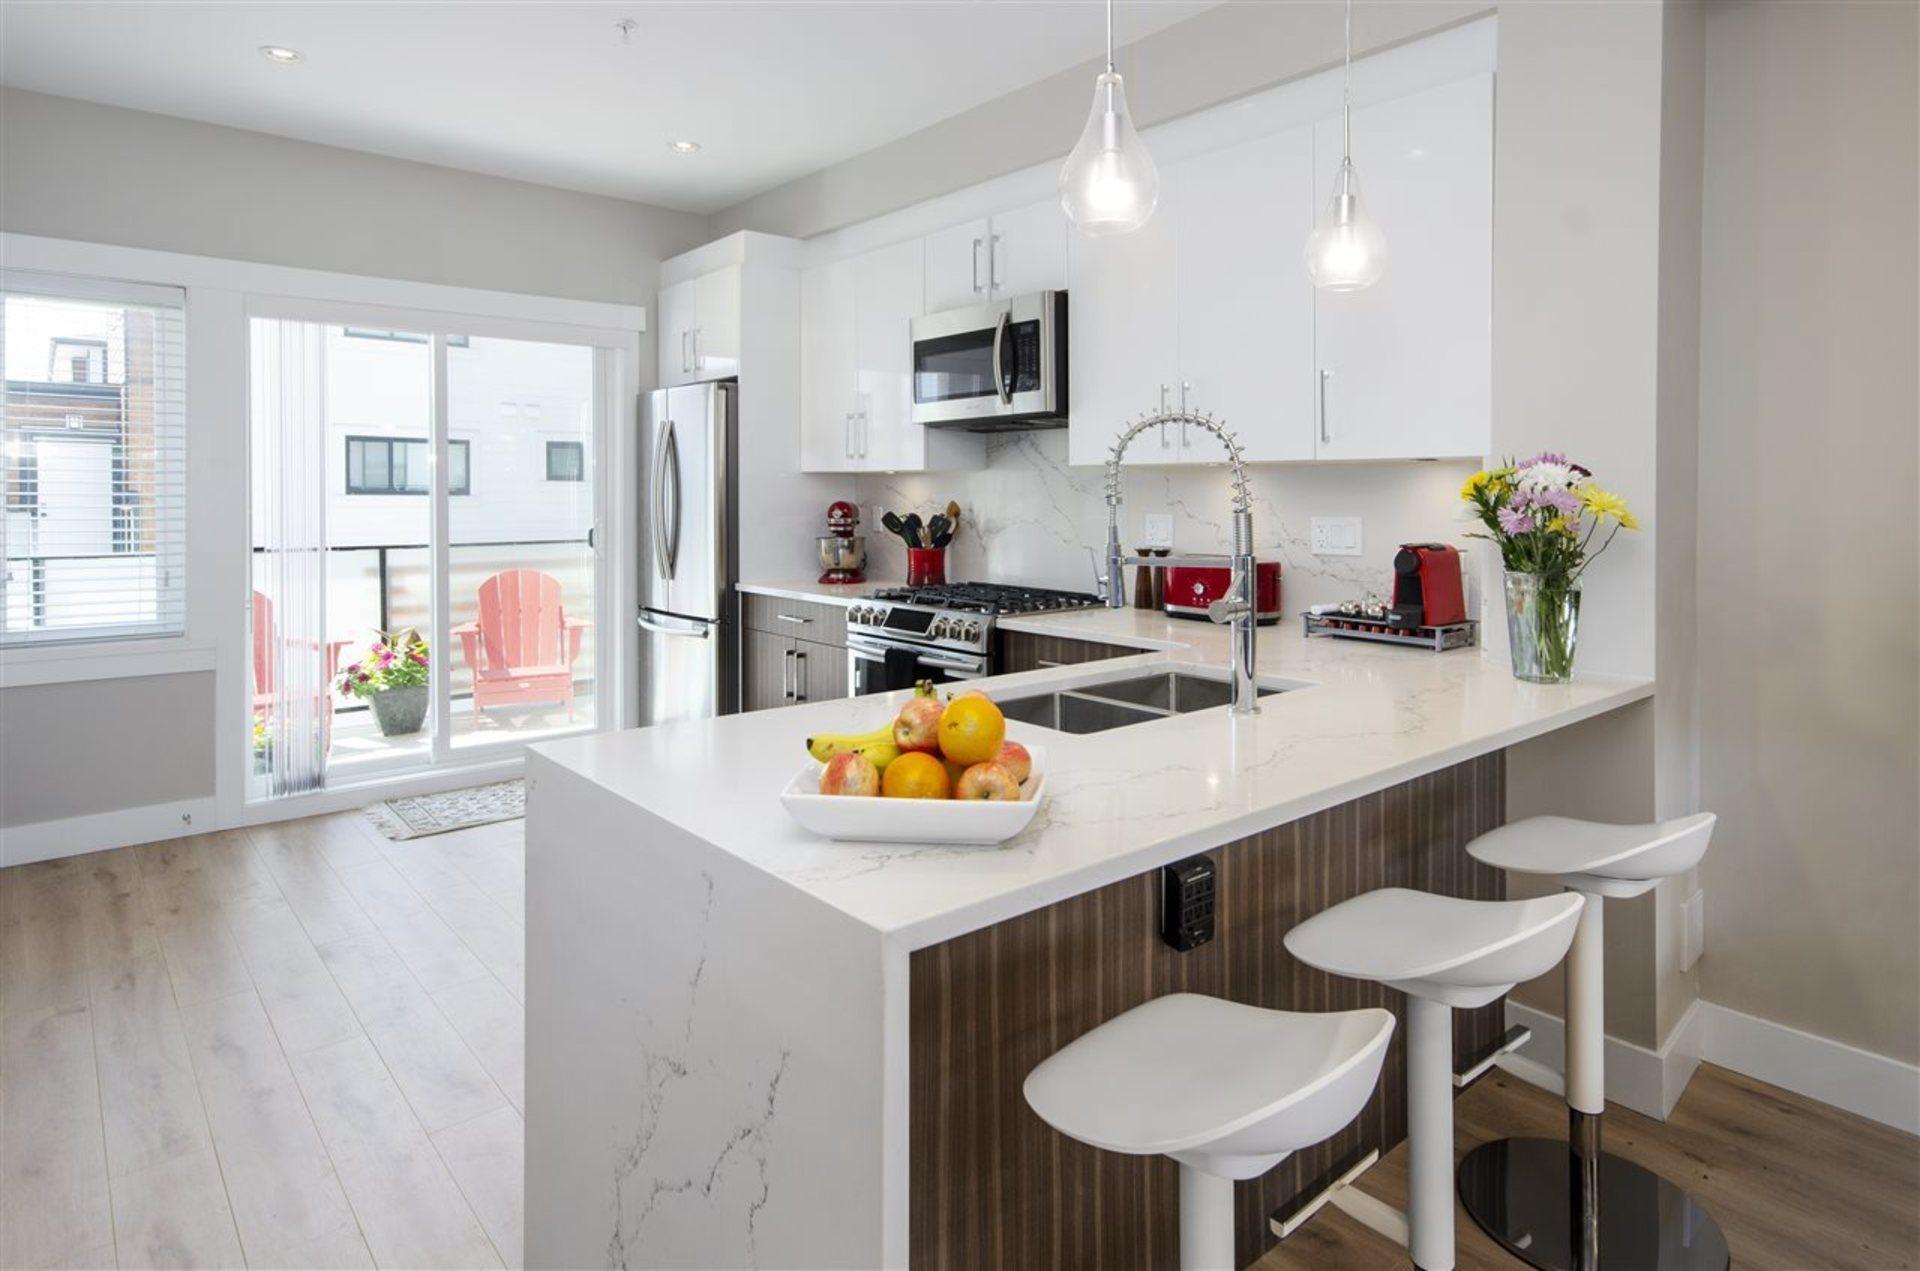 240-jardine-street-queensborough-new-westminster-09 at 2 - 240 Jardine Street, Queensborough, New Westminster